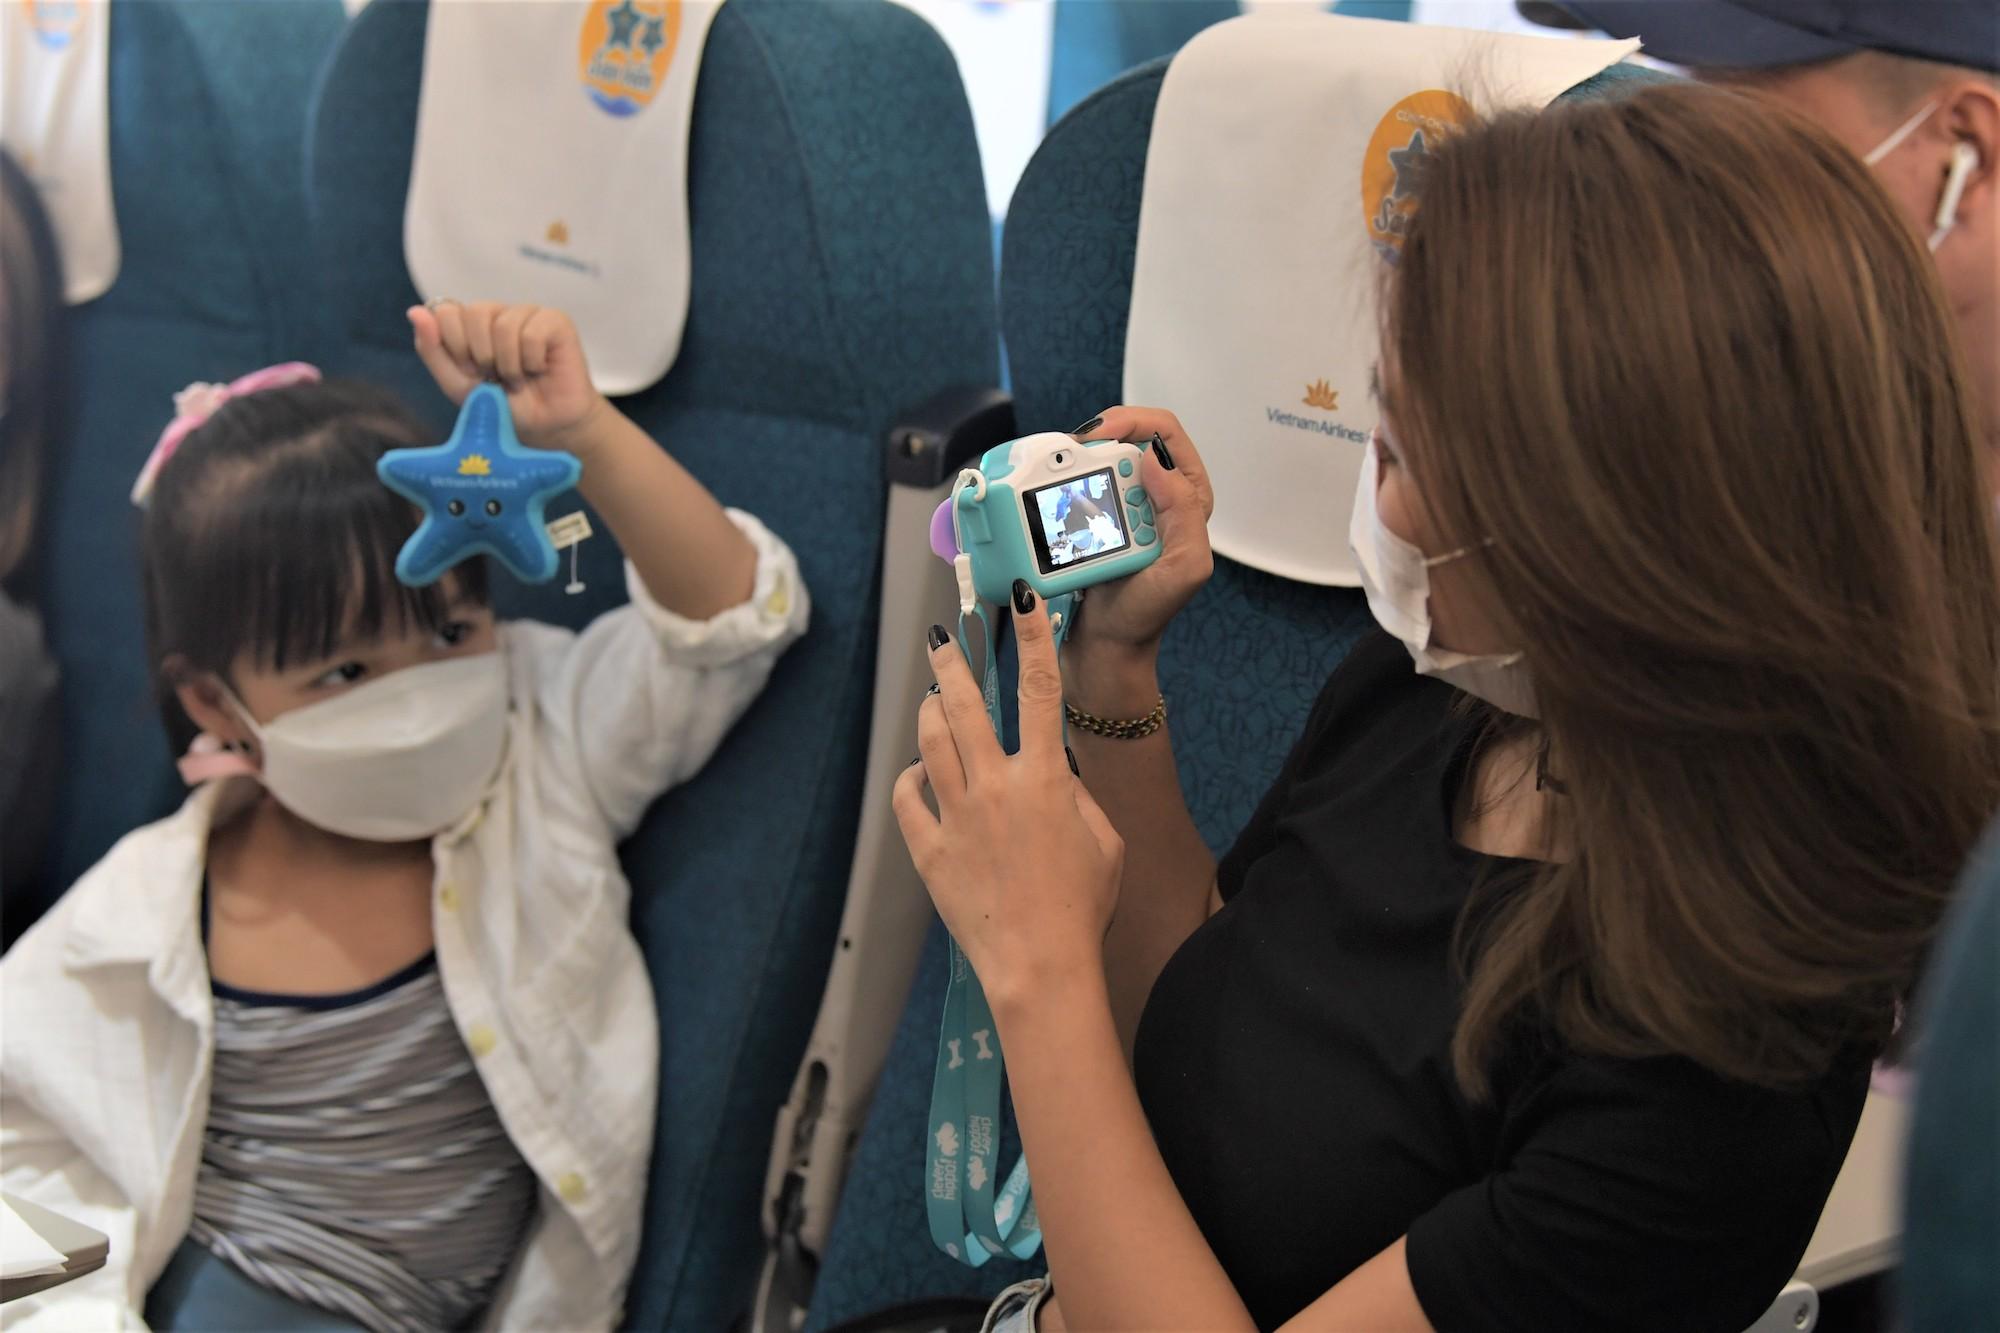 Nhiều em bé thích thú khi nhận được món quà bất ngờ.